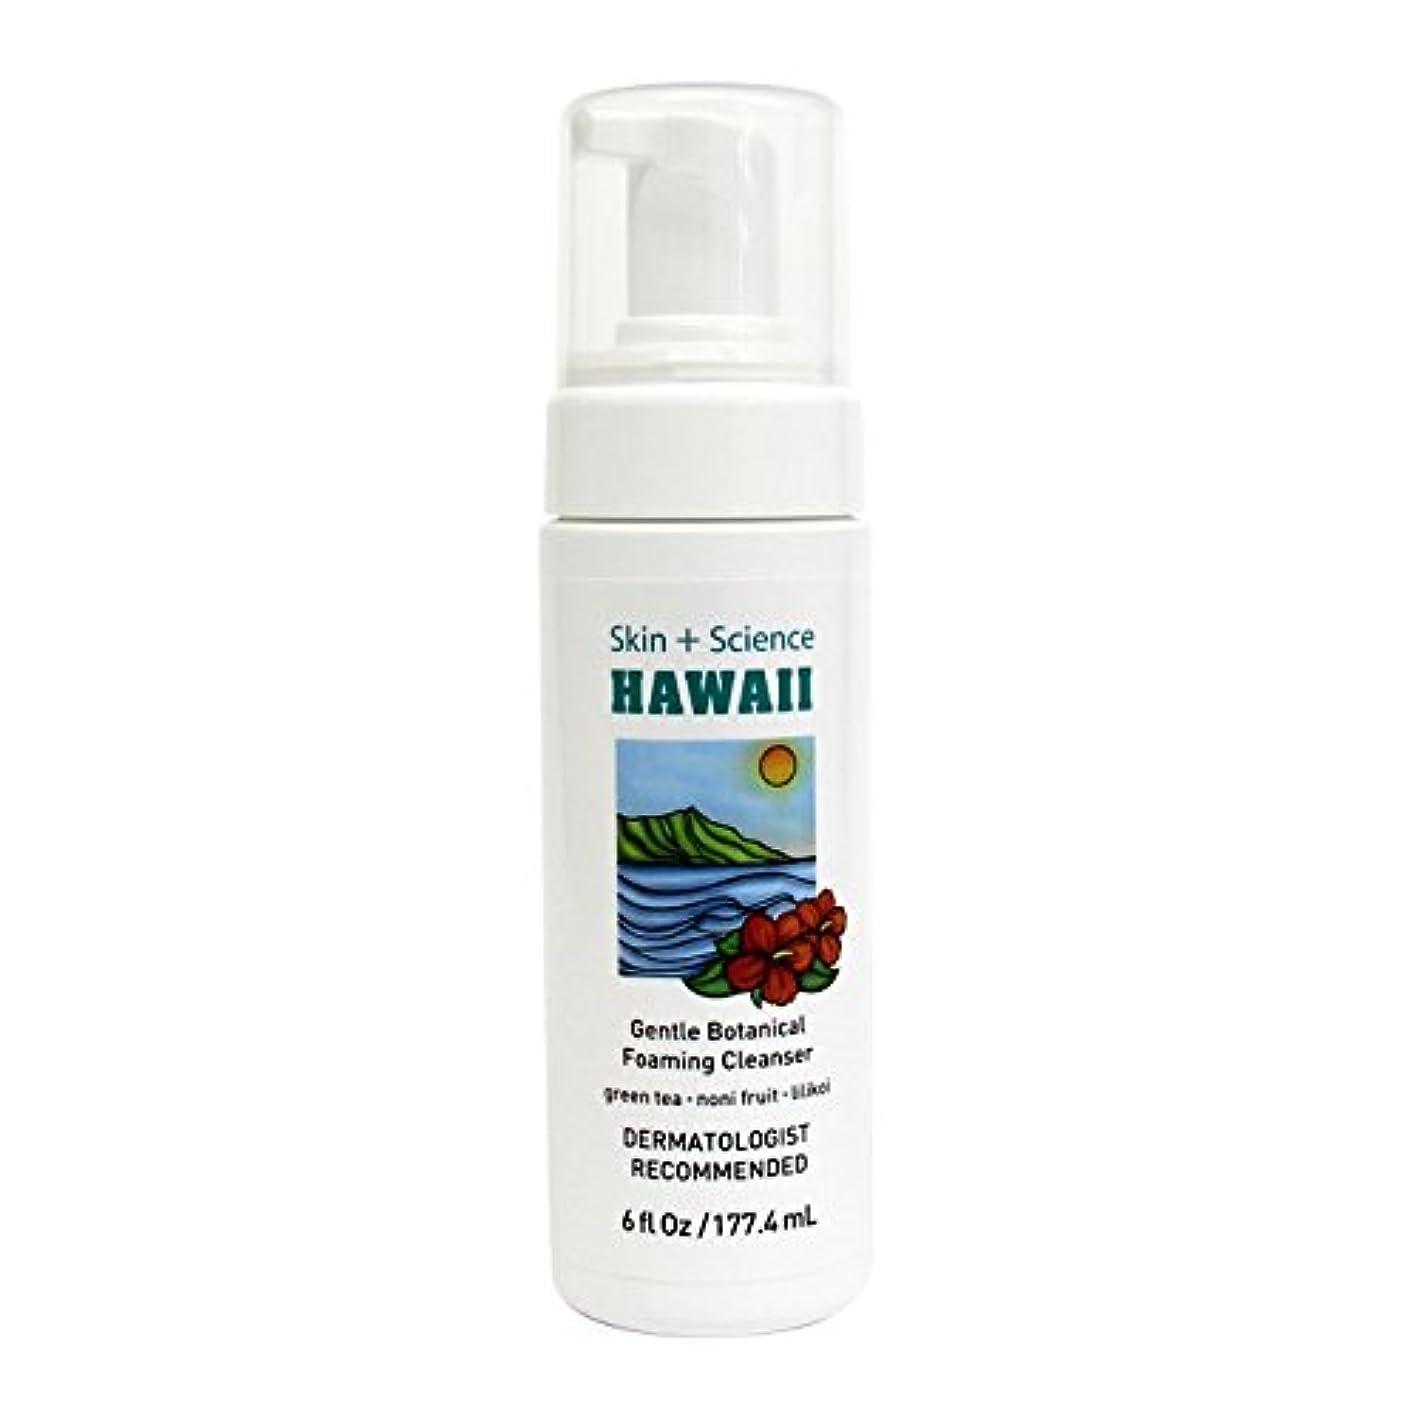 未接続手荷物永遠にスキンサイエンス ハワイ ボタニカルフォーミングクレンザー 177.4ml